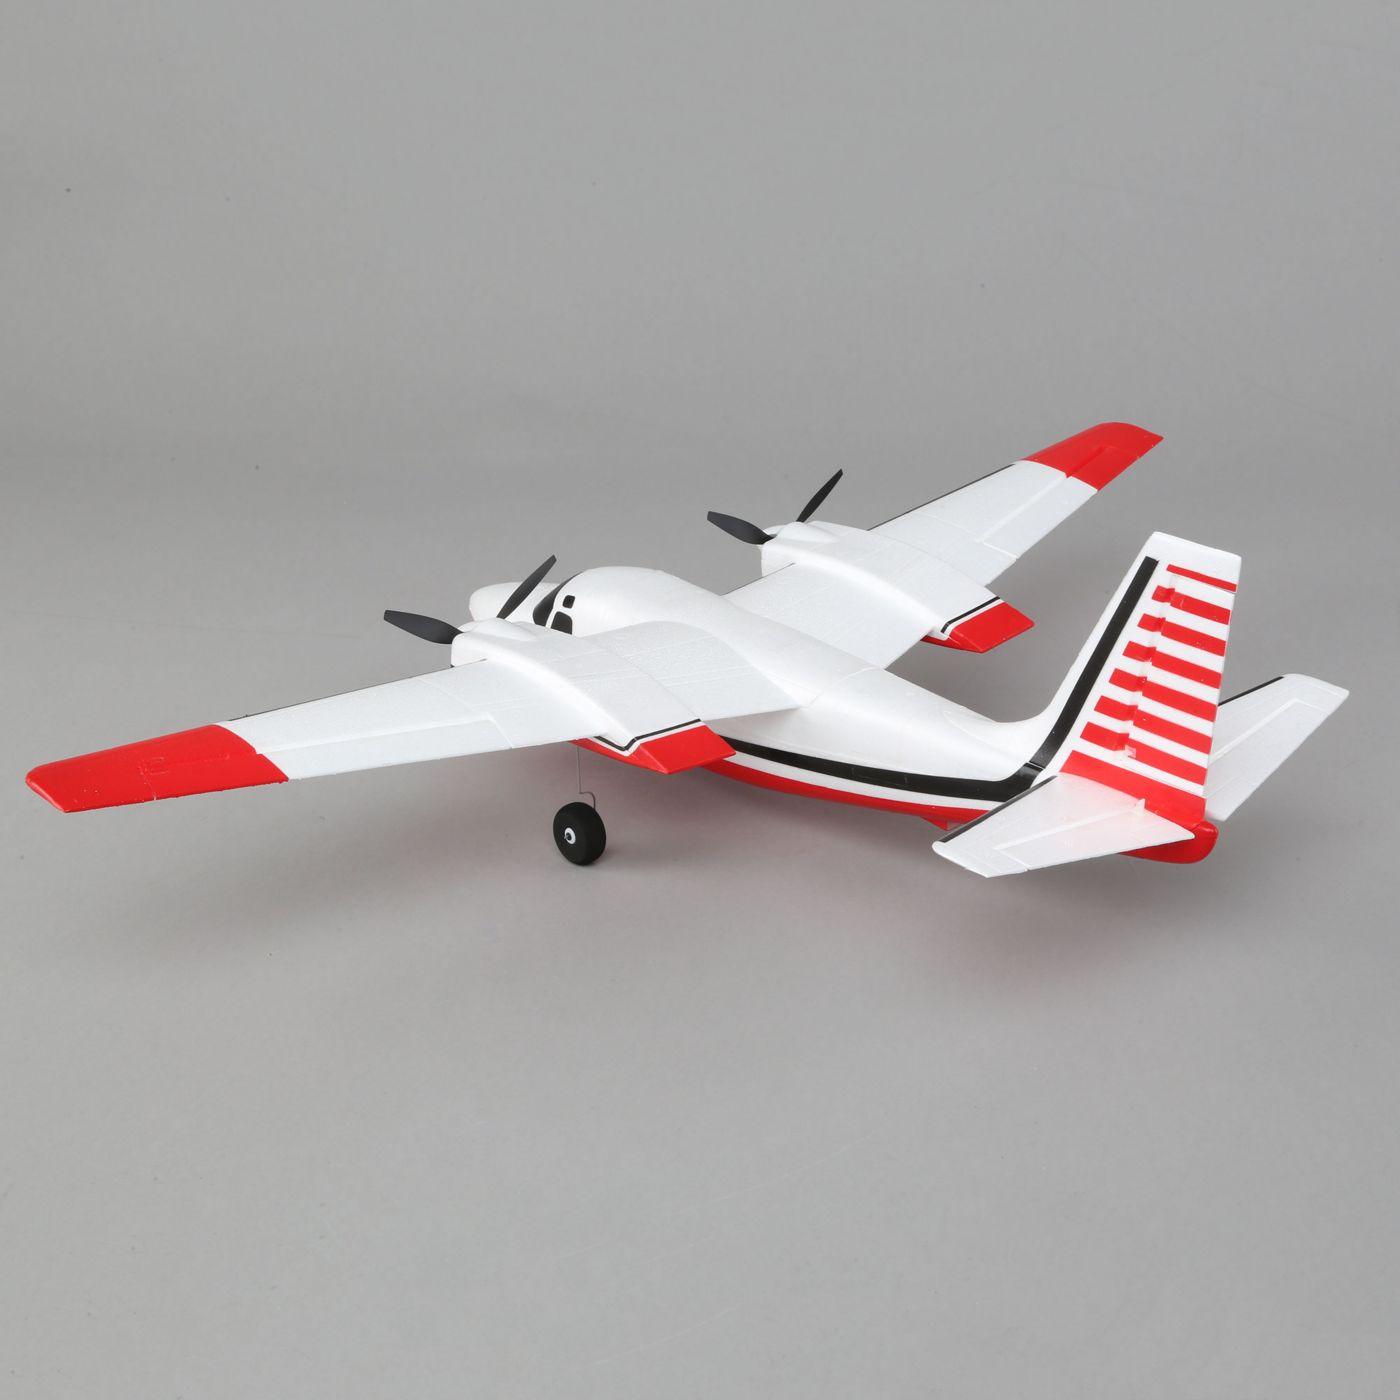 UMX Aero Commander E-flite